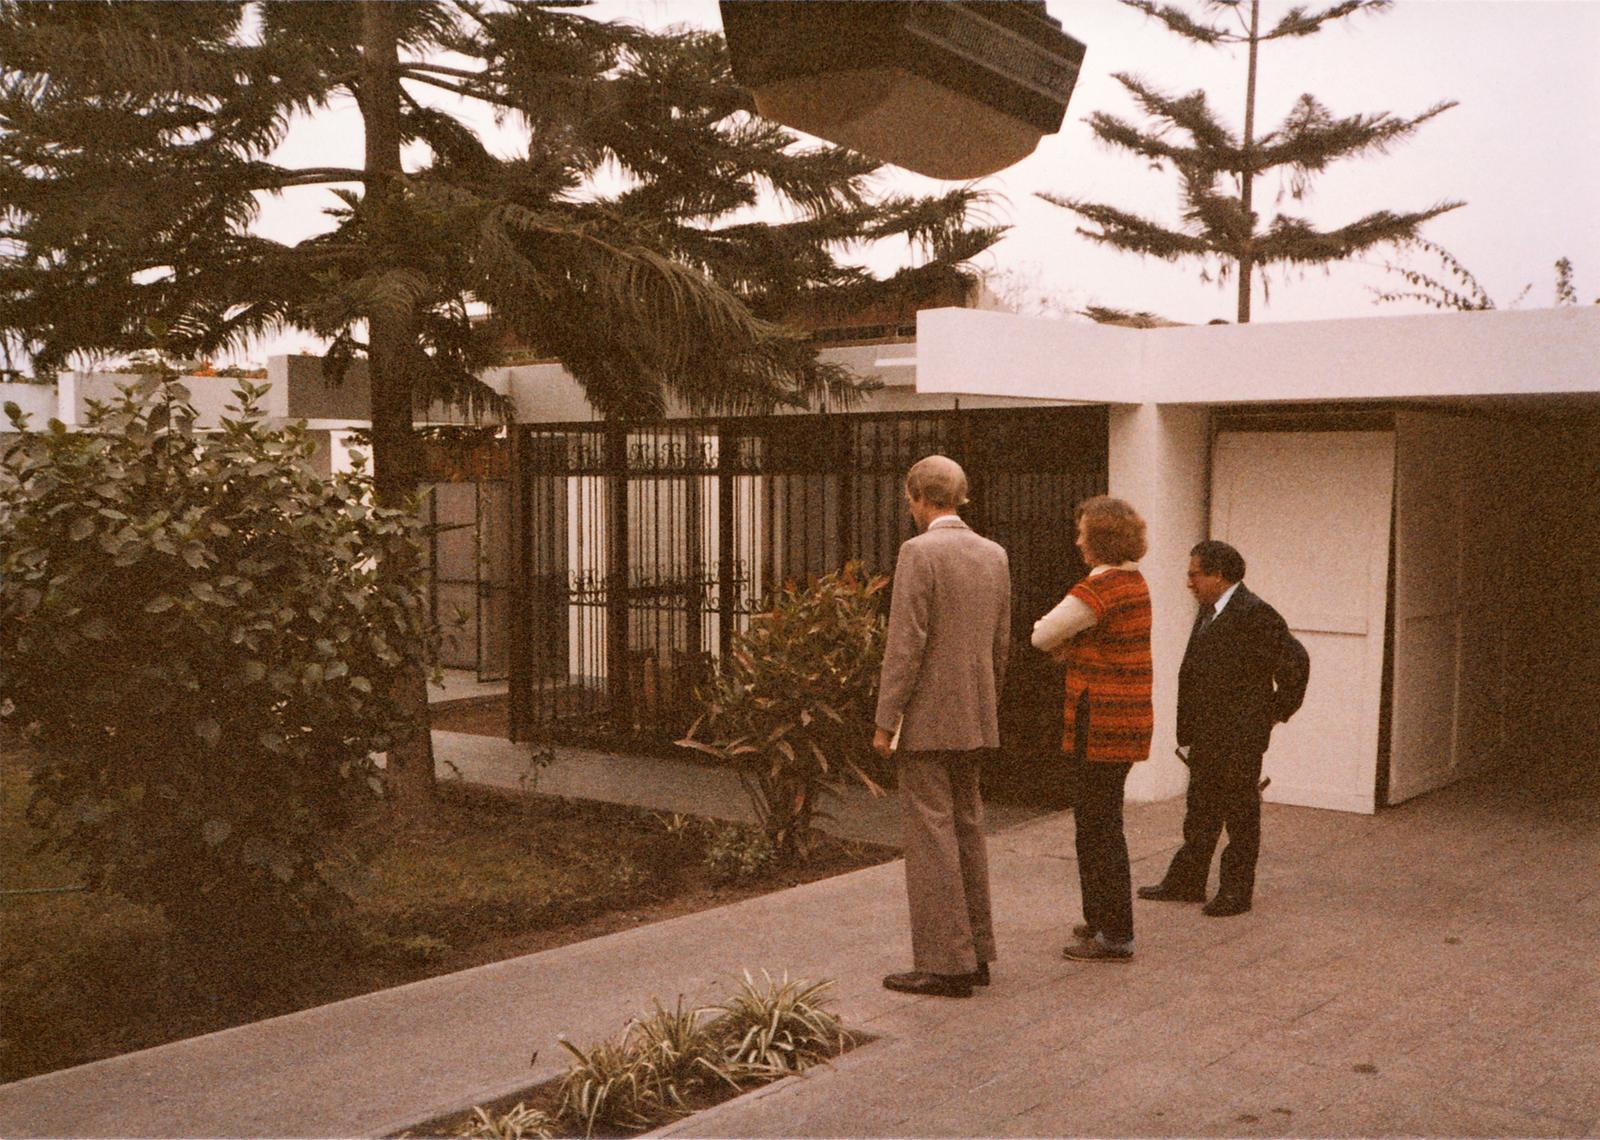 Lima - Executive Level Position Residence - 1983